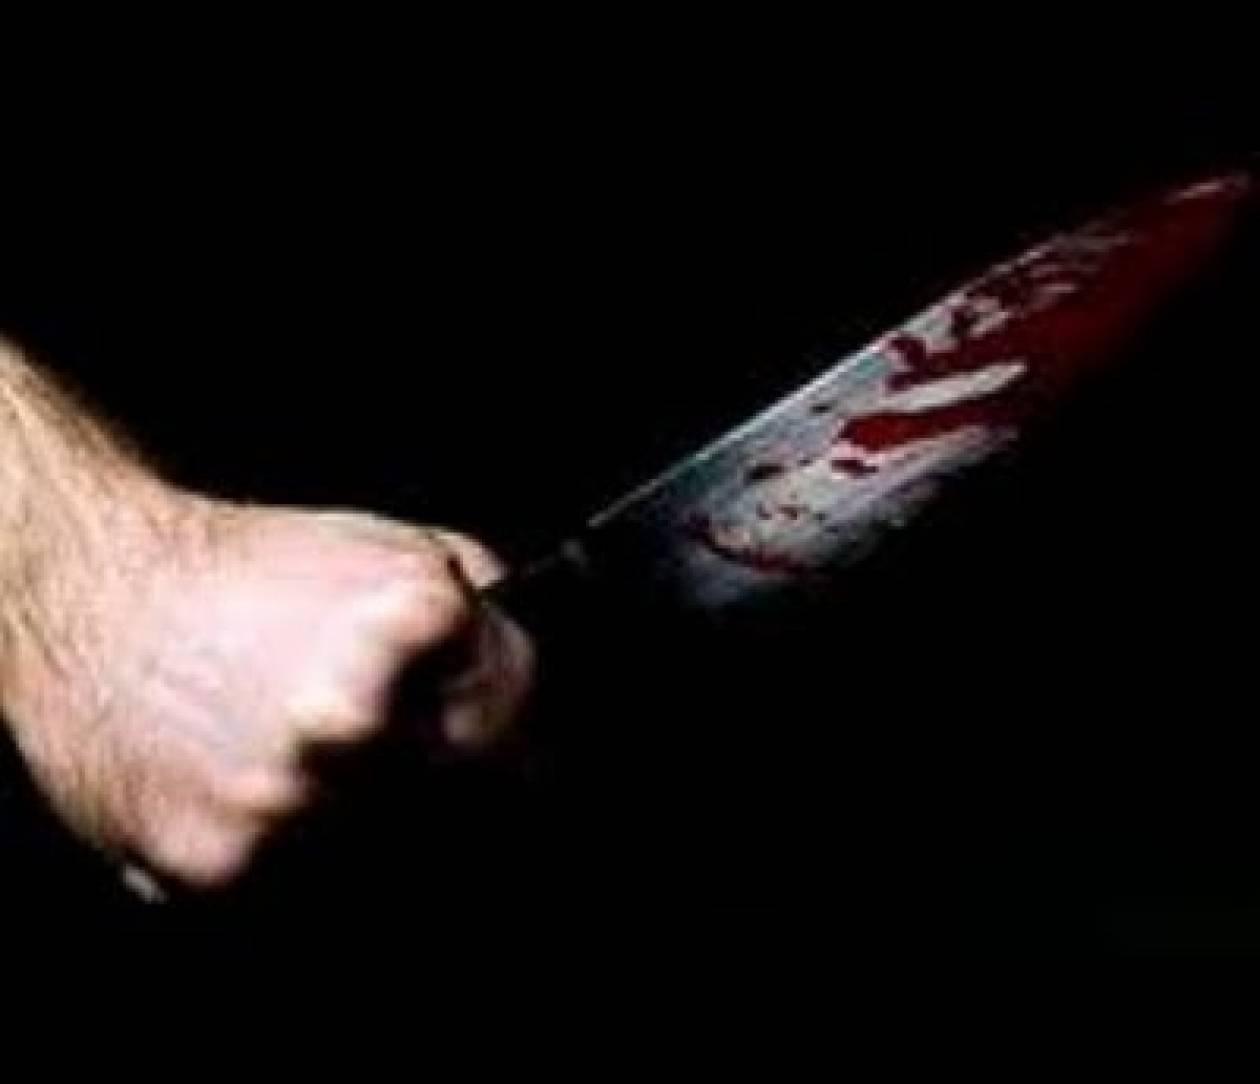 Κρήτη: Απόπειρα αυτοκτονίας έκανε 32χρονος με μαχαίρι